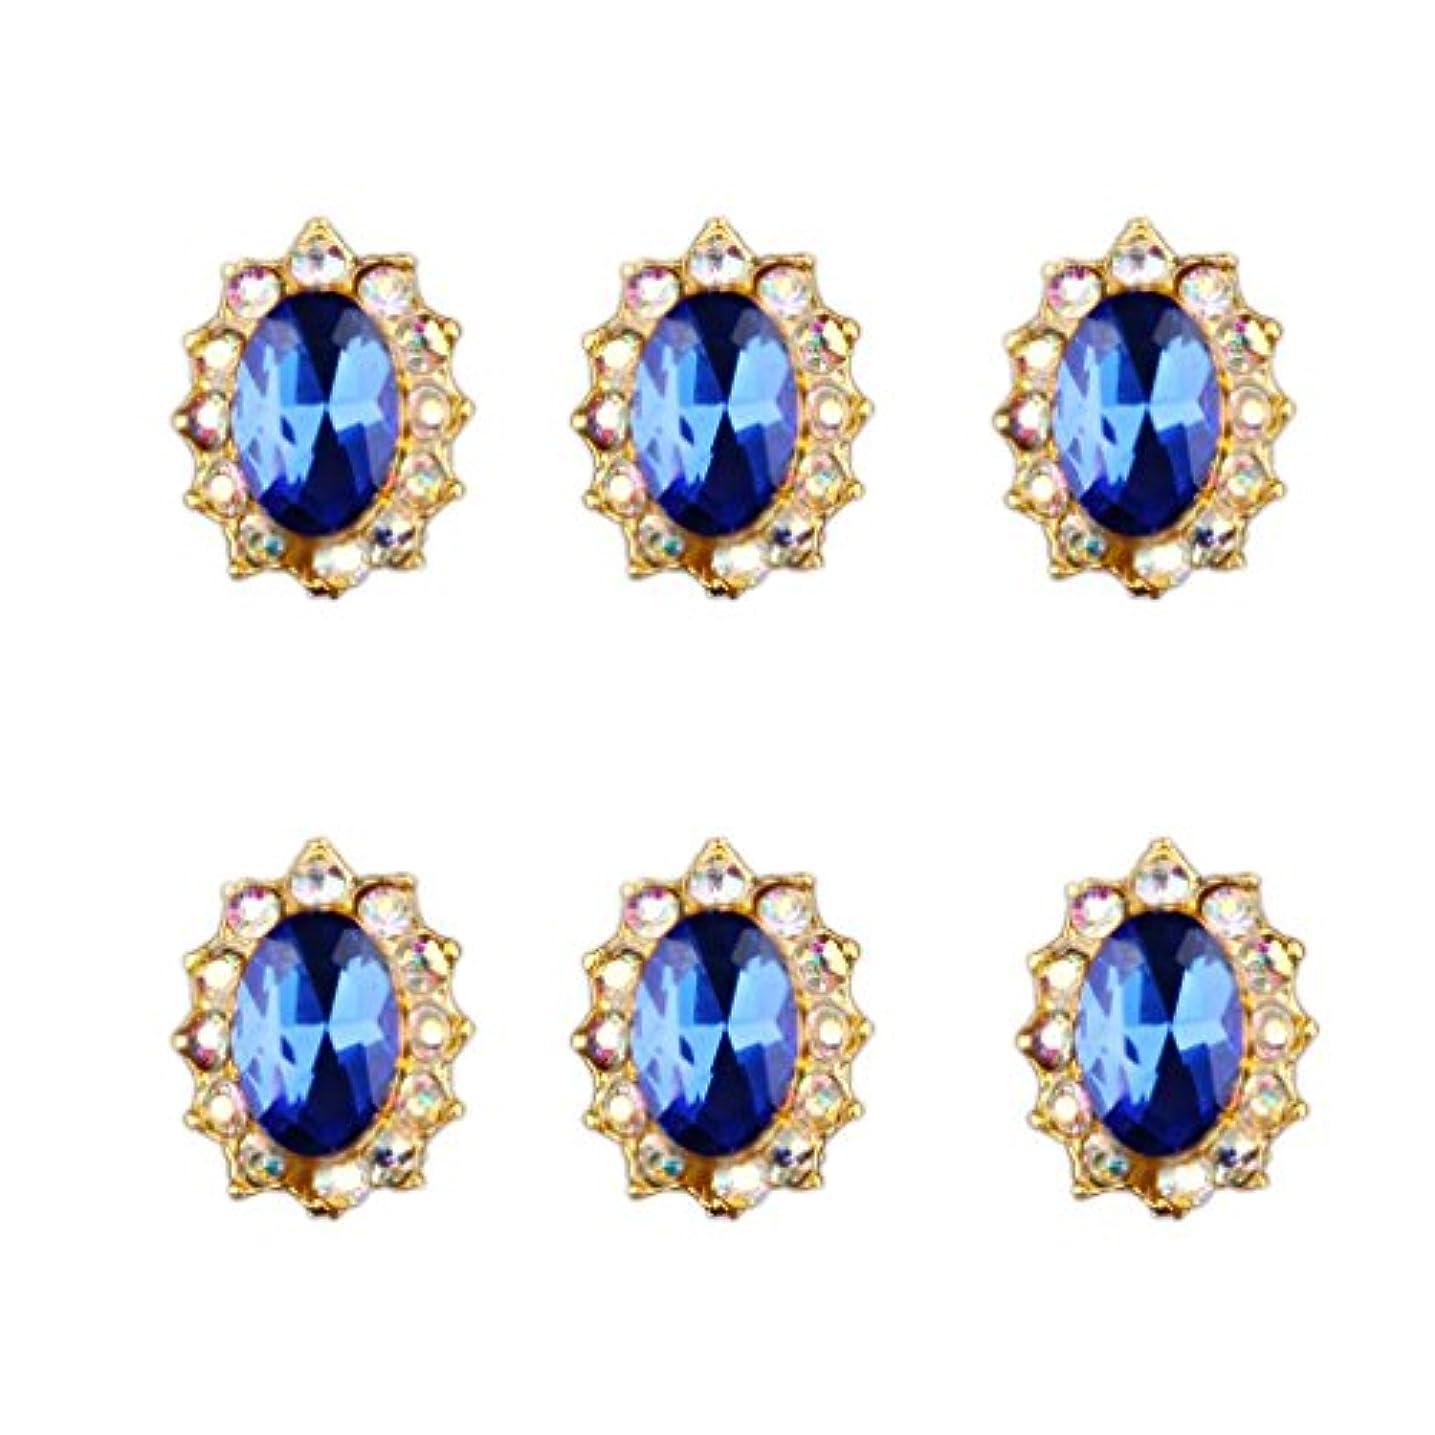 ブロックけん引証書Perfk 10ピース キラキラ ネイル アート デコレーション ラインストーン チャーム ジュエリー 宝石 電話ケース対応 3Dヒントツール きれい 全10種類 - 3